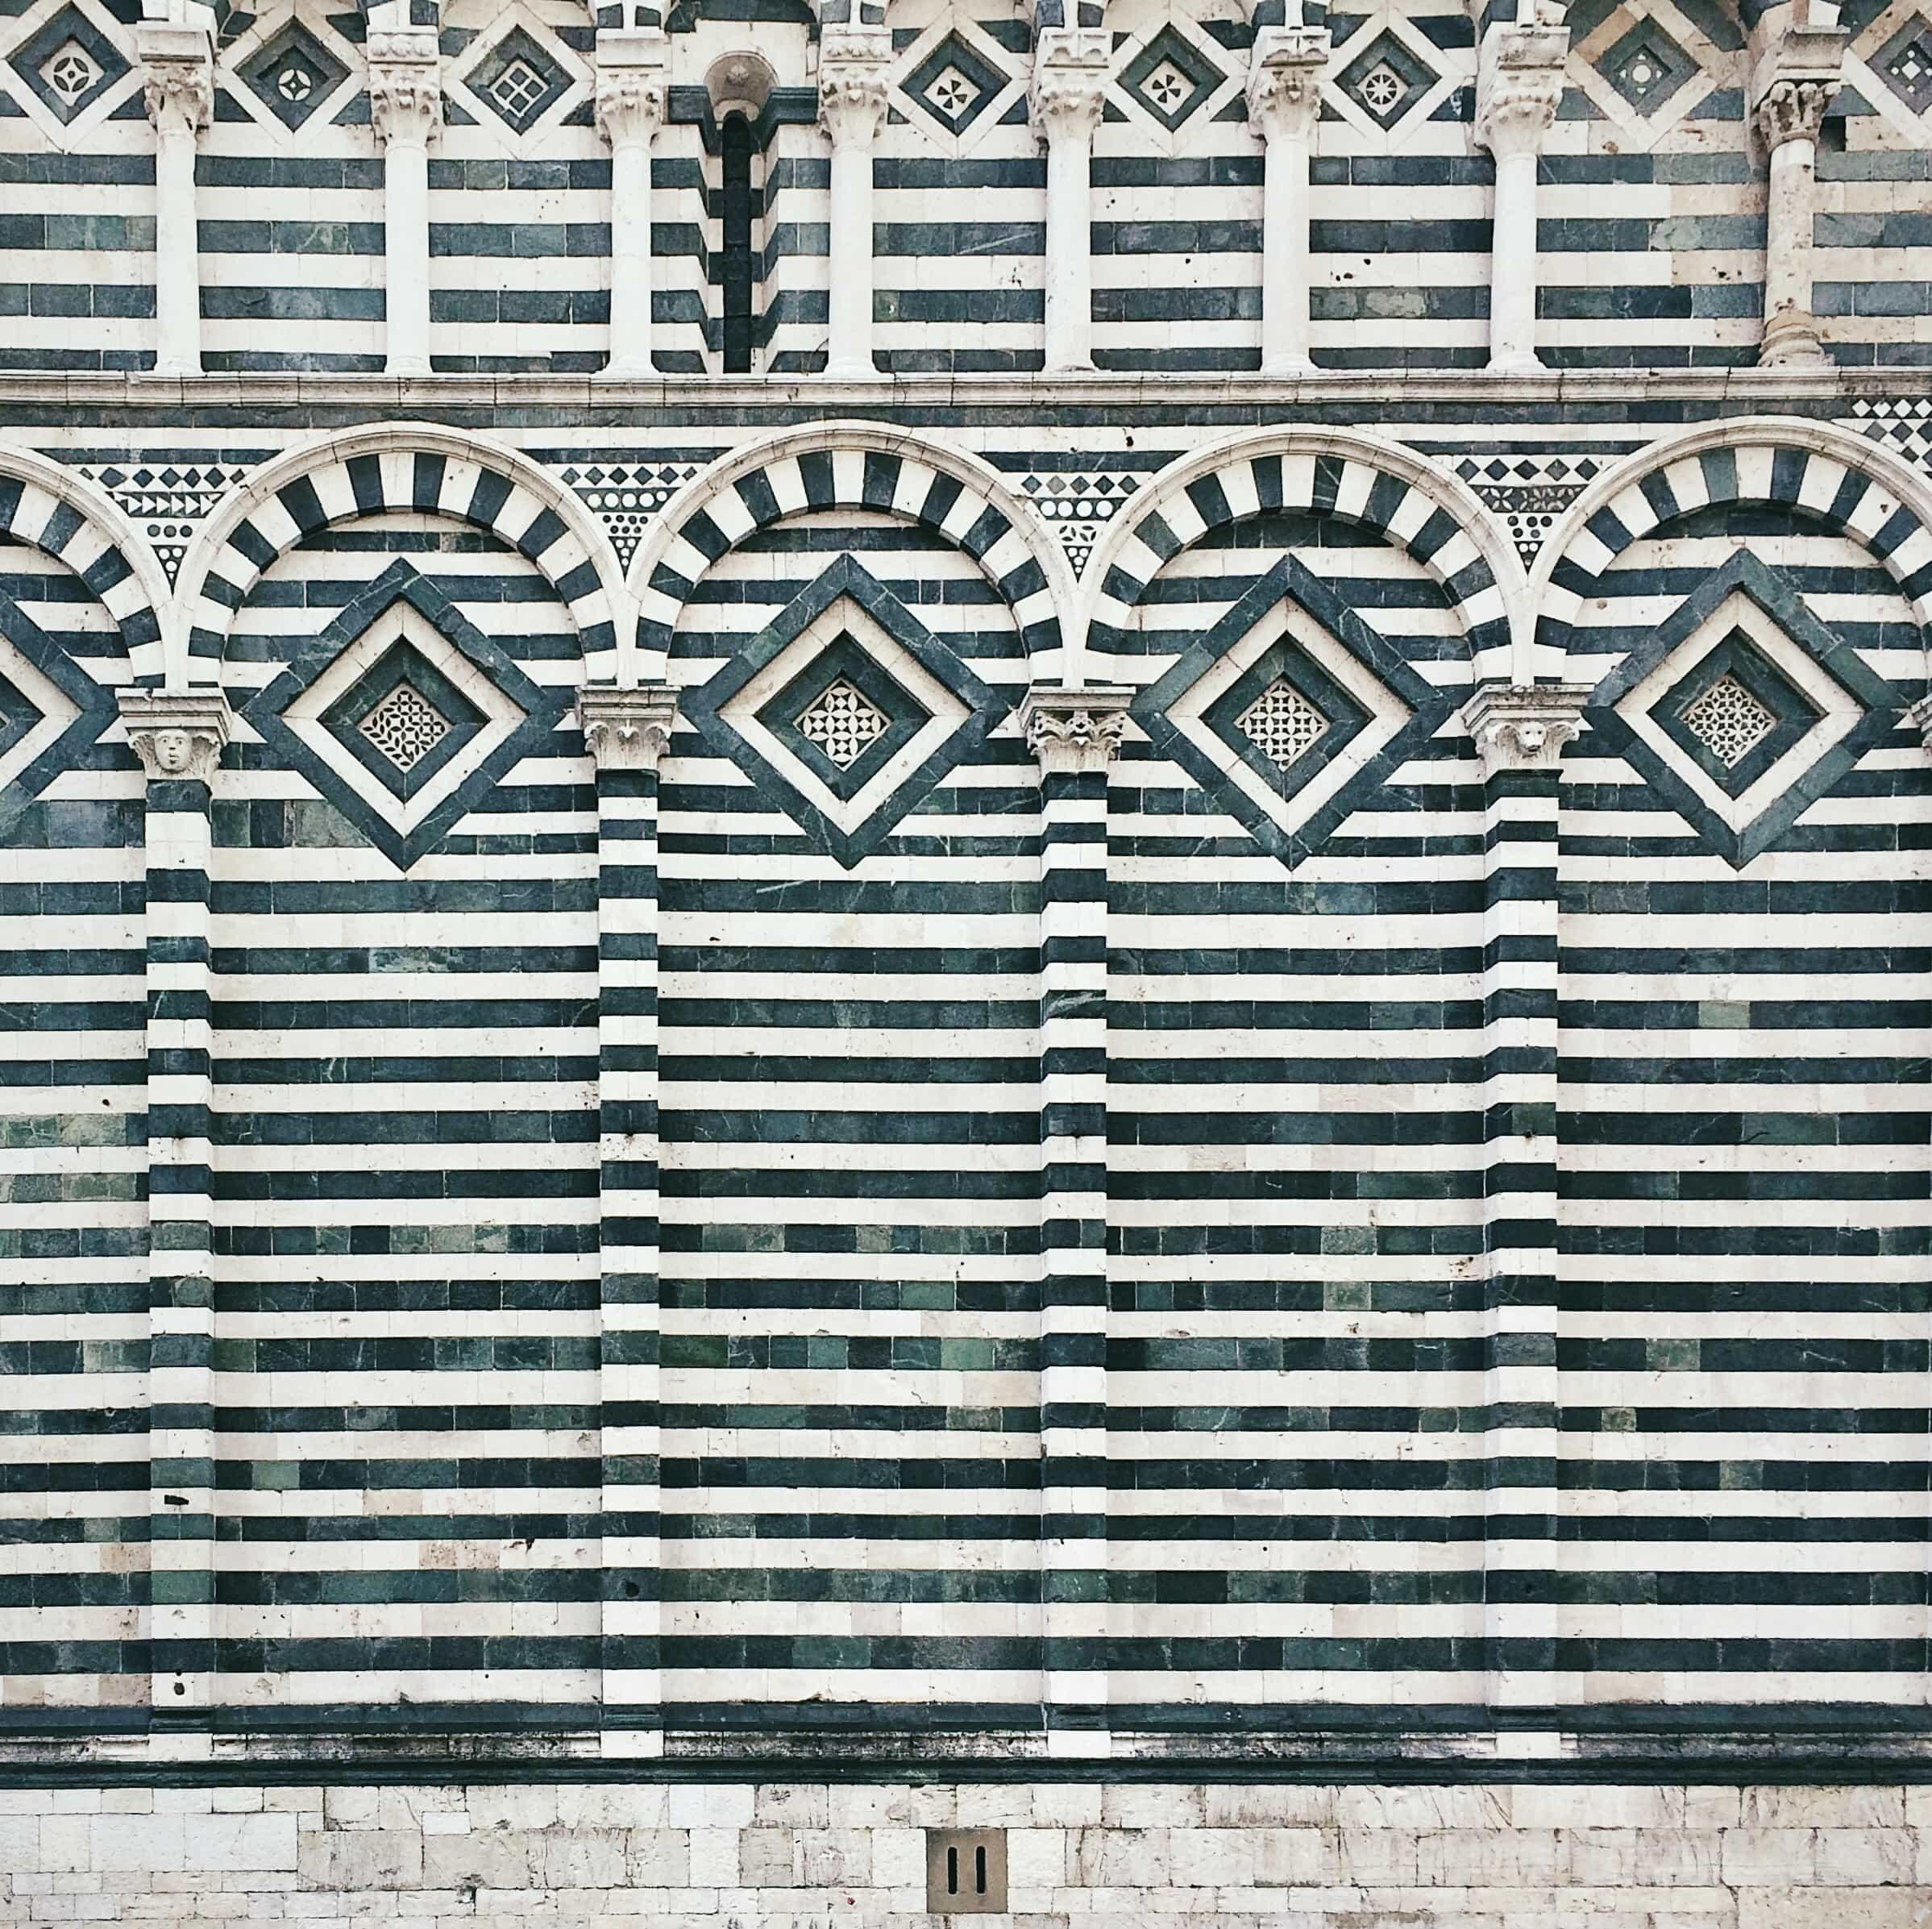 Particolare di una delle chiese zebrate di Pistoia